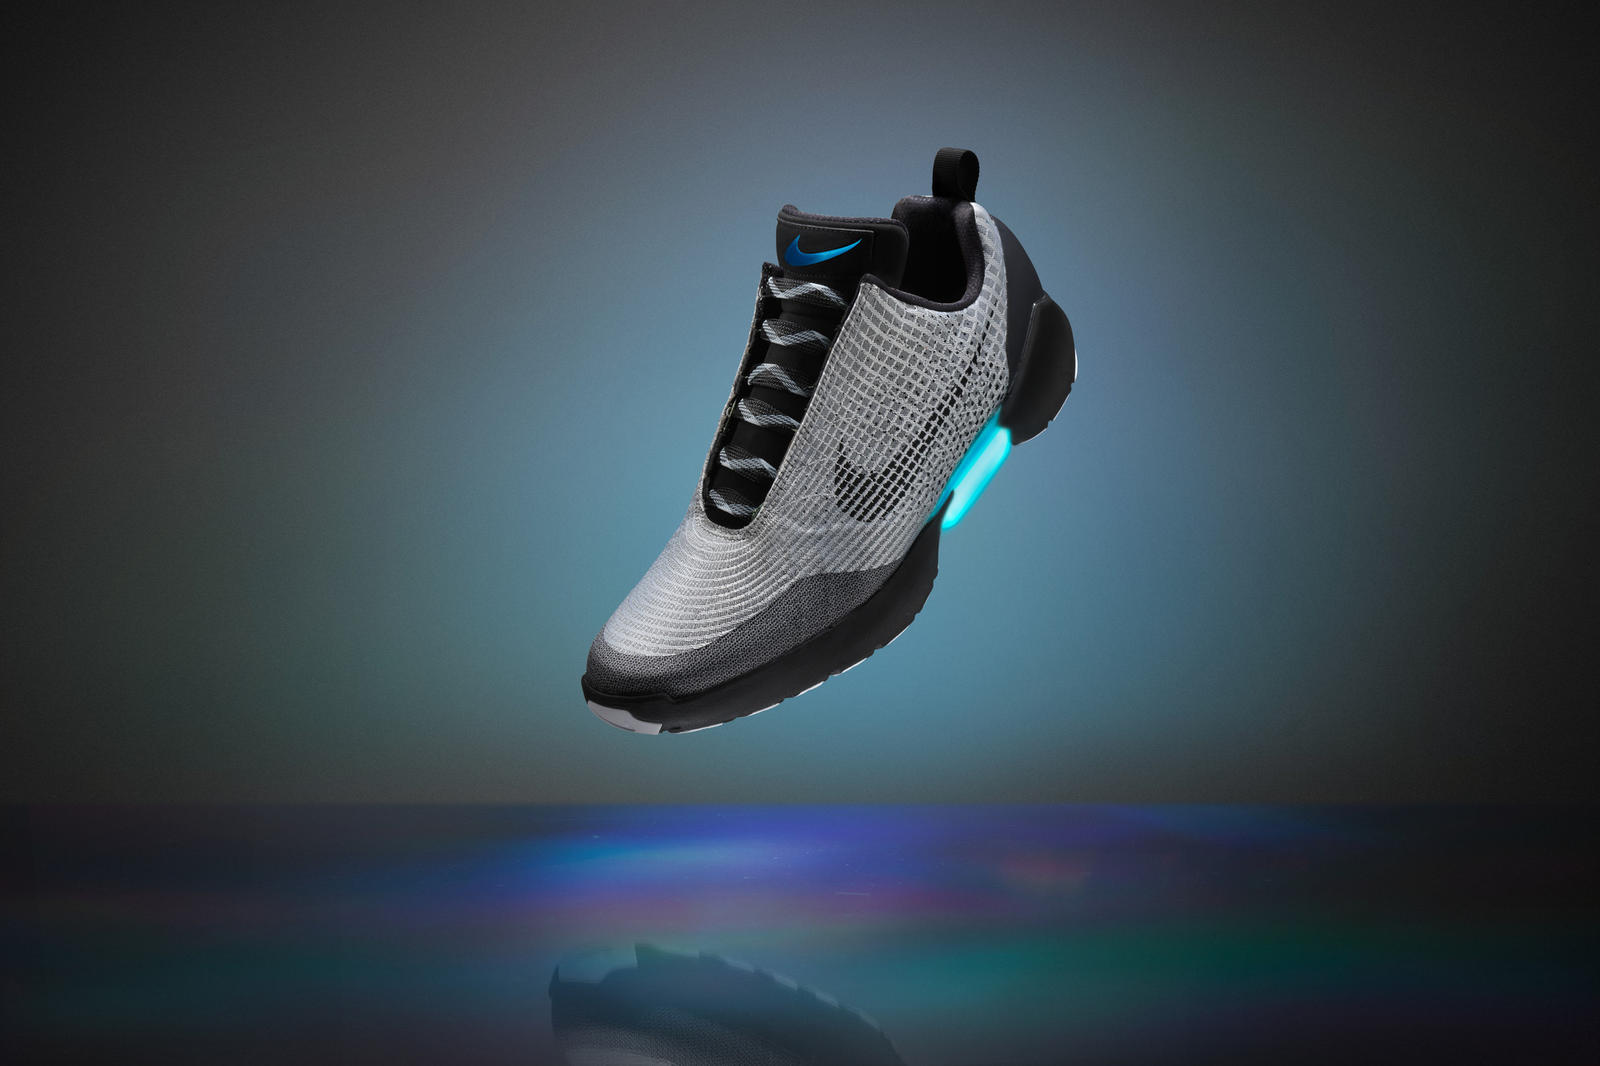 Famosas Las Nike En Al Zapatillas Regreso Venta Pone A La Futuro 1BxEqw0E8